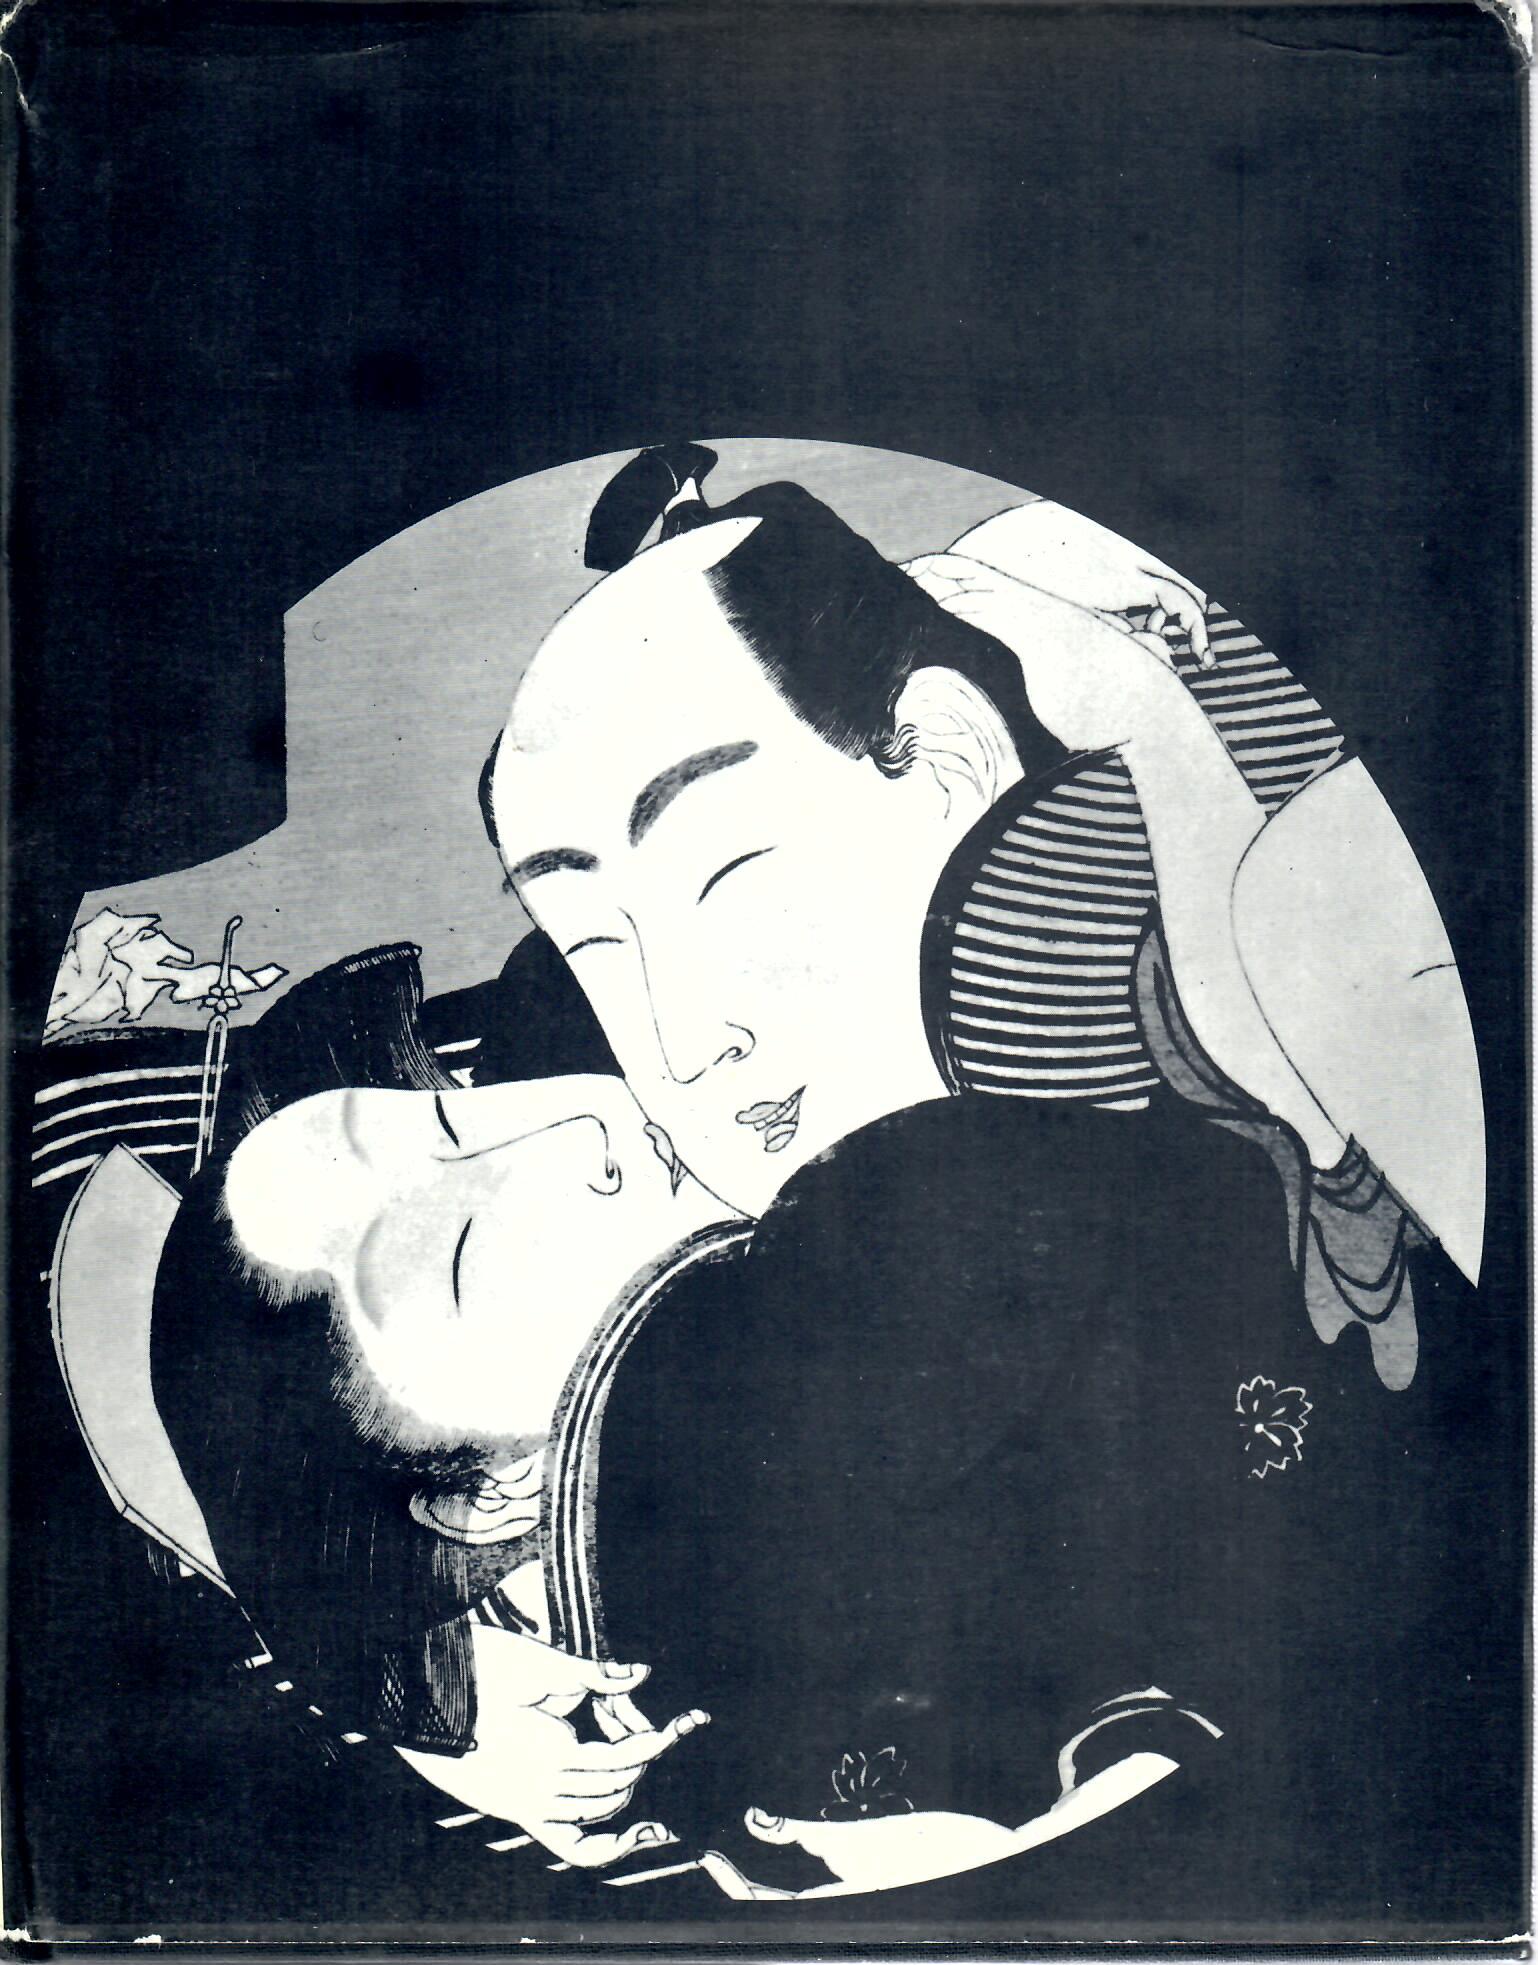 Japanische Blüten 110 bildliche Darstellungen : Nagel Verlag, Genf, 1969, deutsche Übersetzung zum Vorwort (Erklärung) von Hansjürgen Wille und Barbara Klau : Erotische Zeichnungen aus Japan